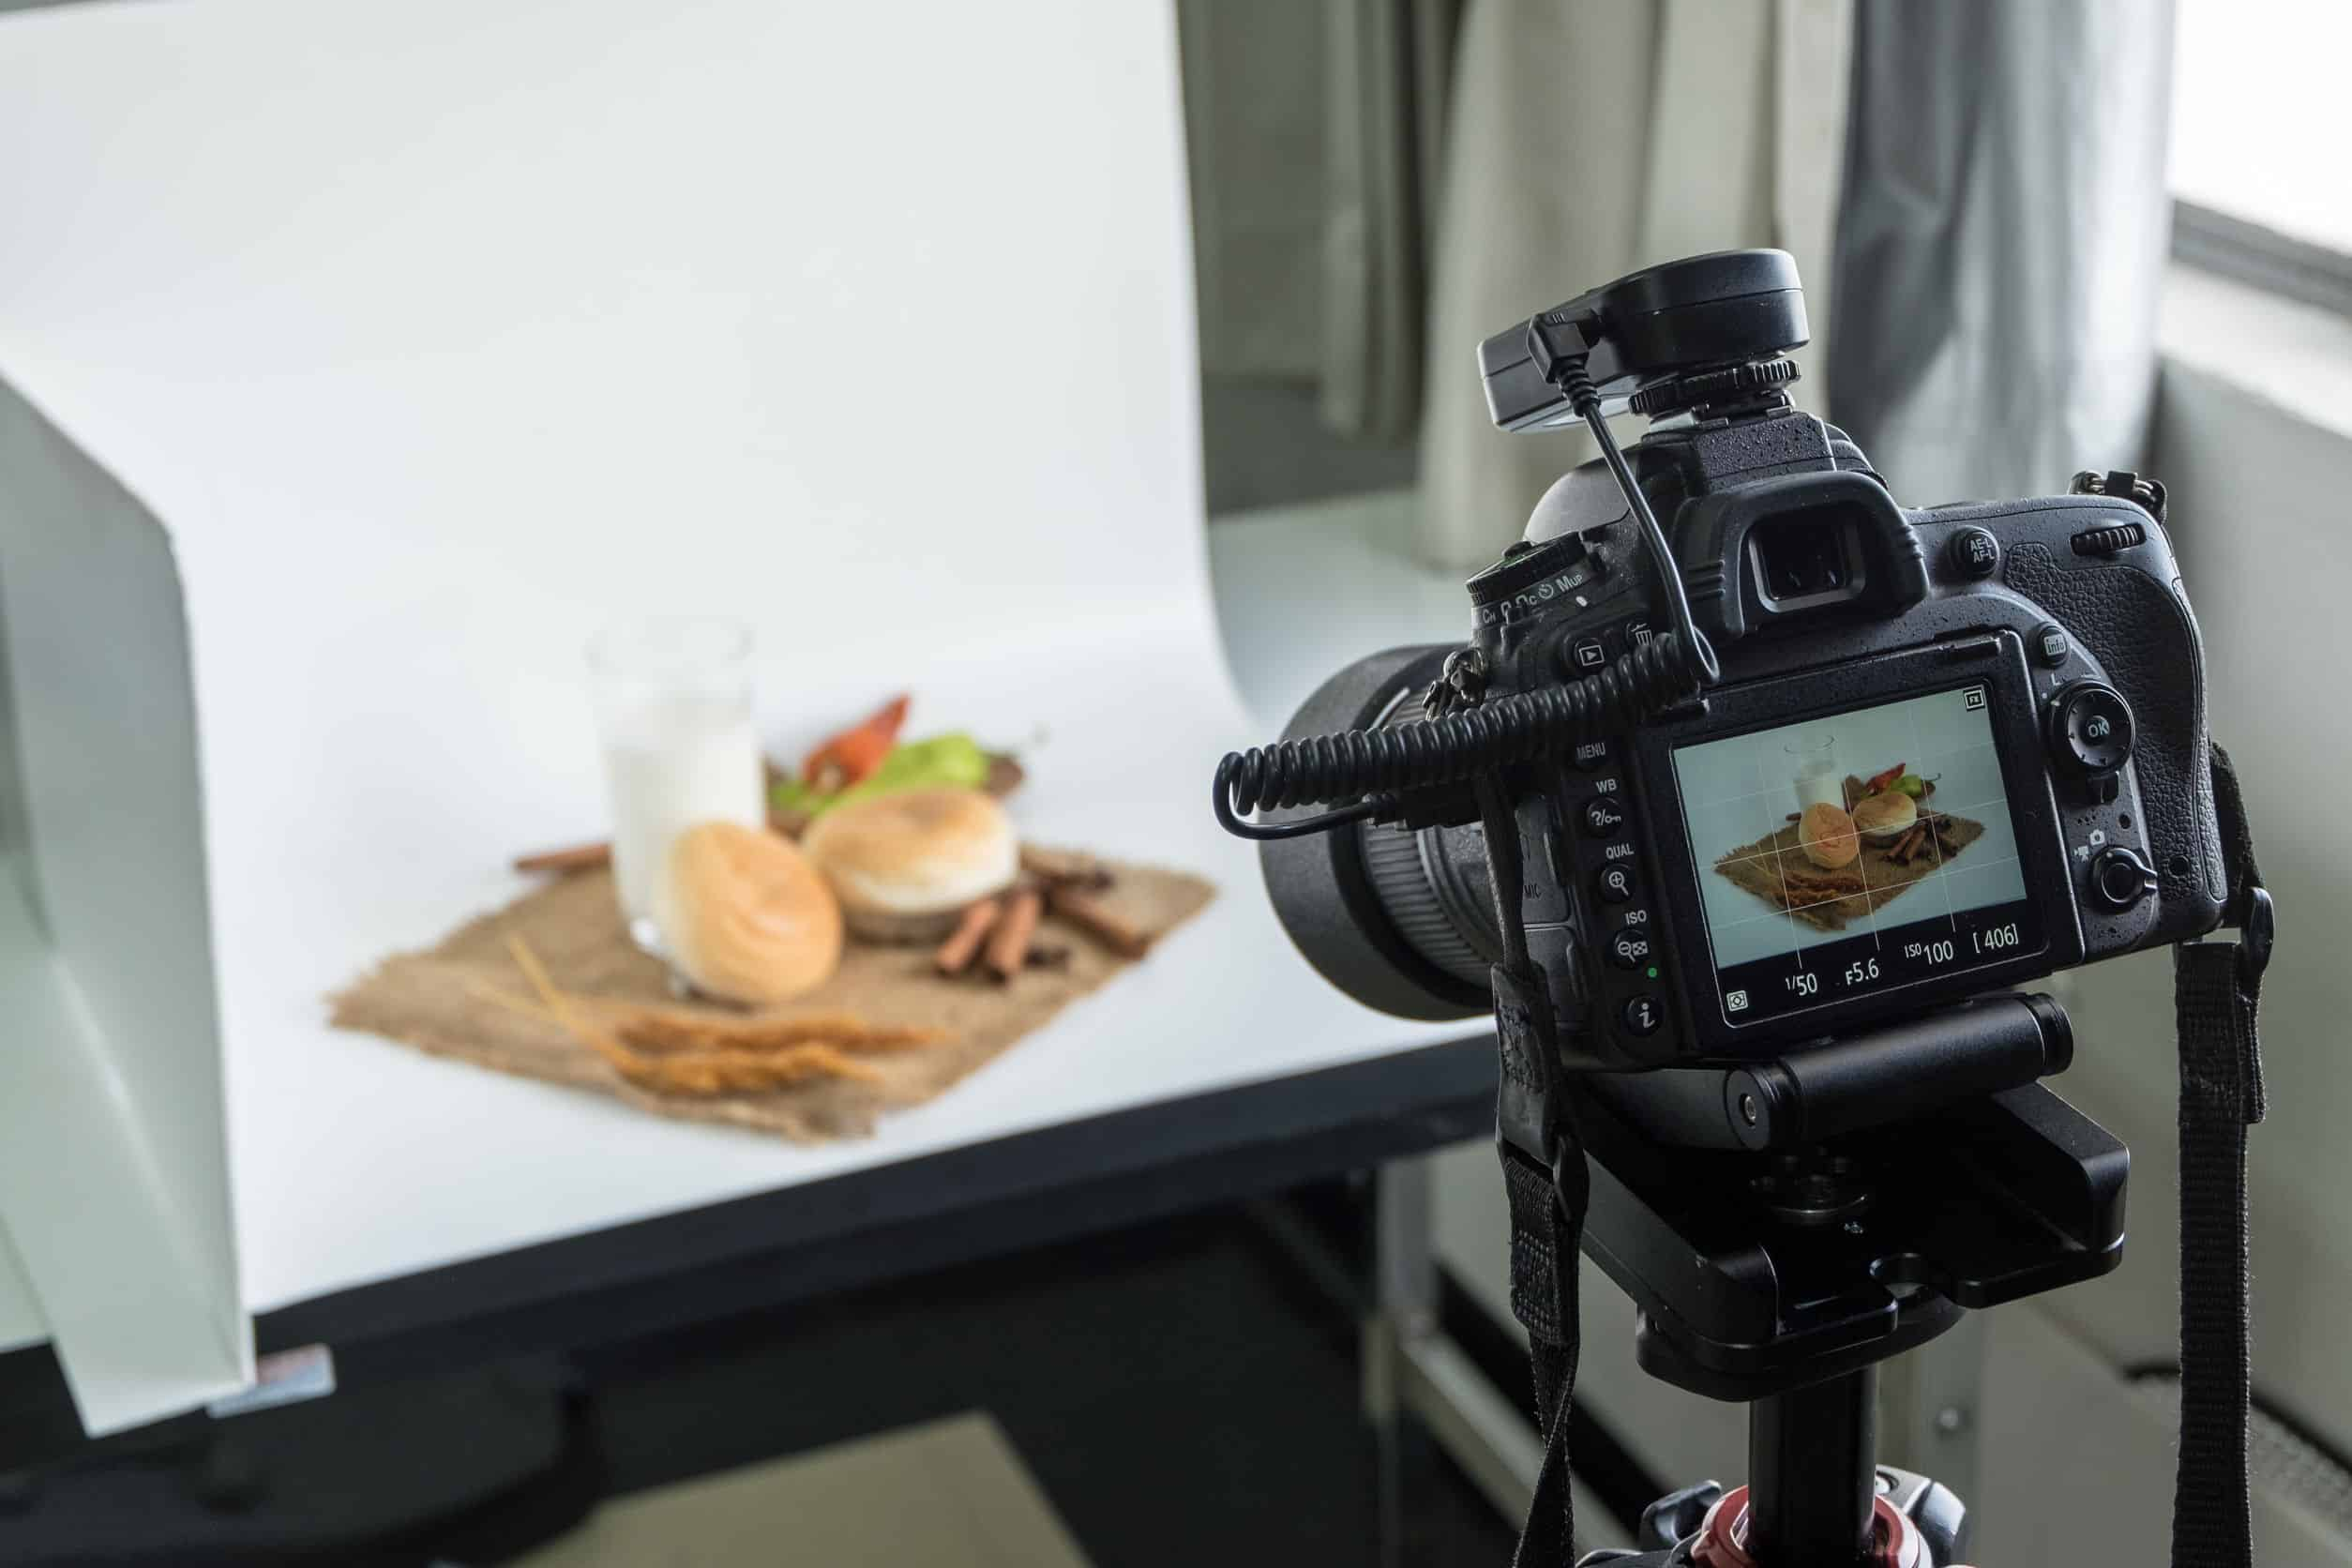 foto's maken van eten